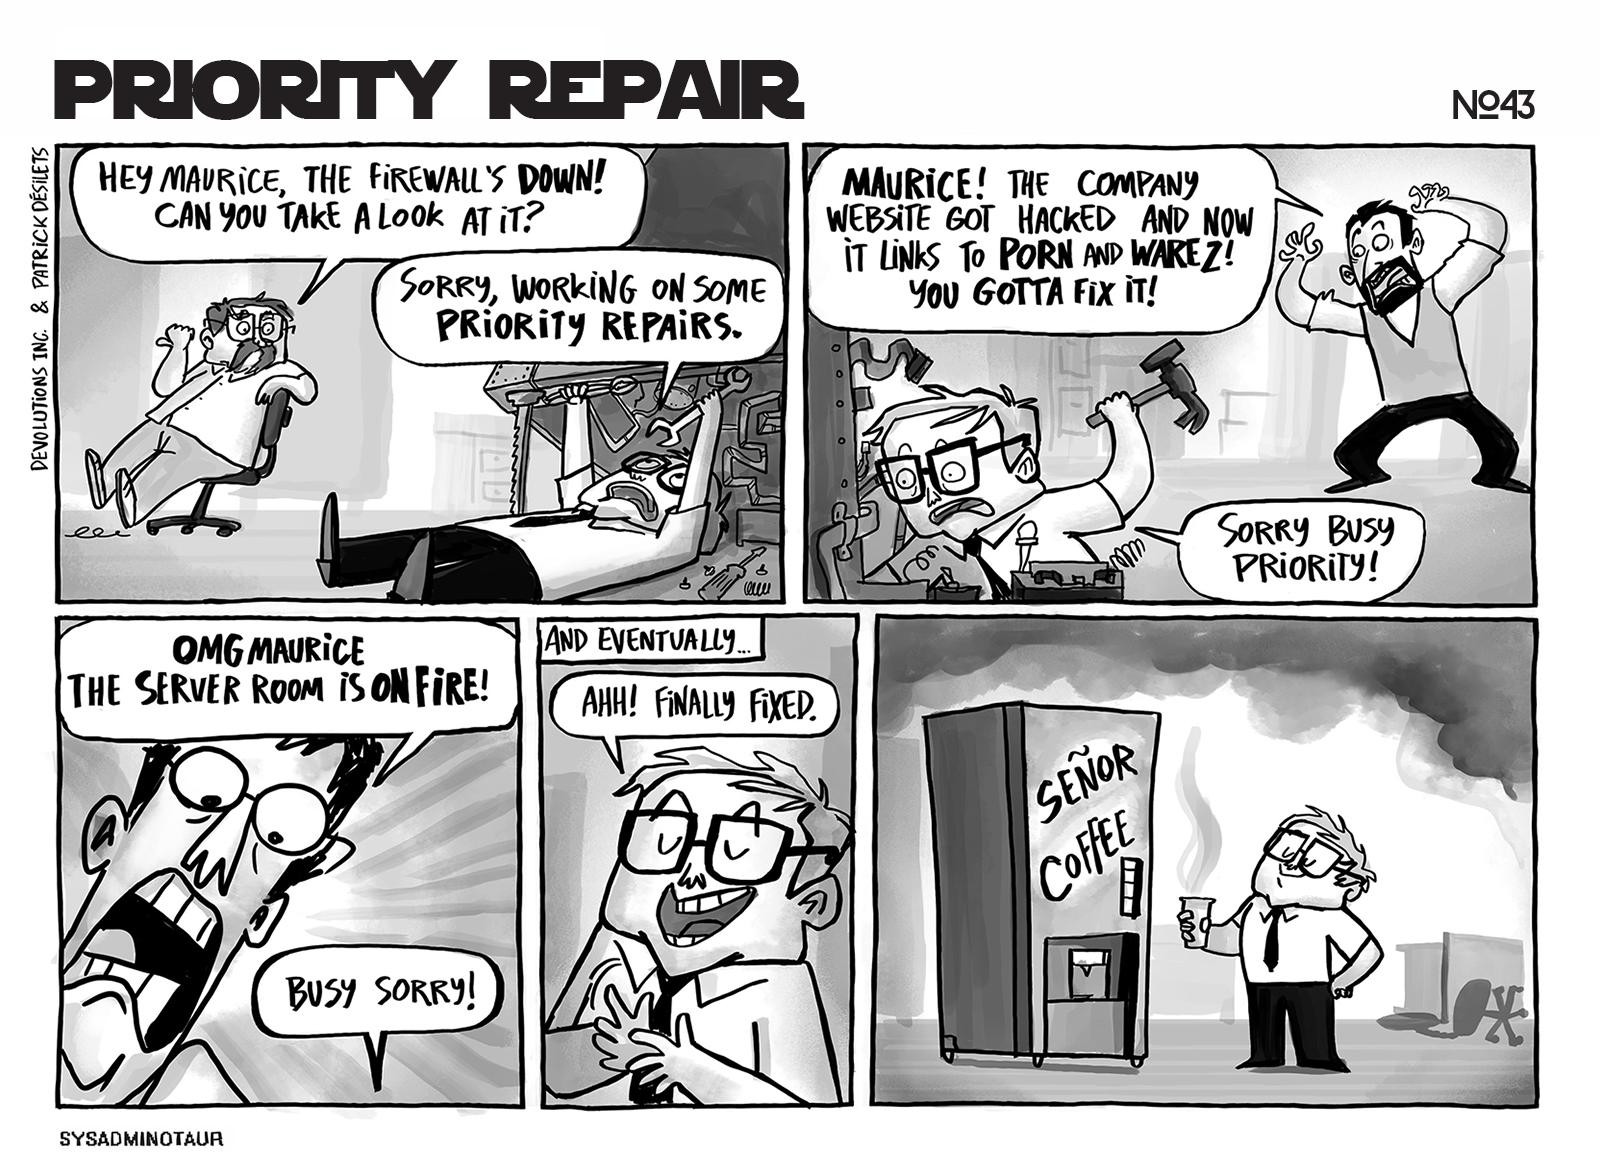 sysadminotaur-043-priority-repair